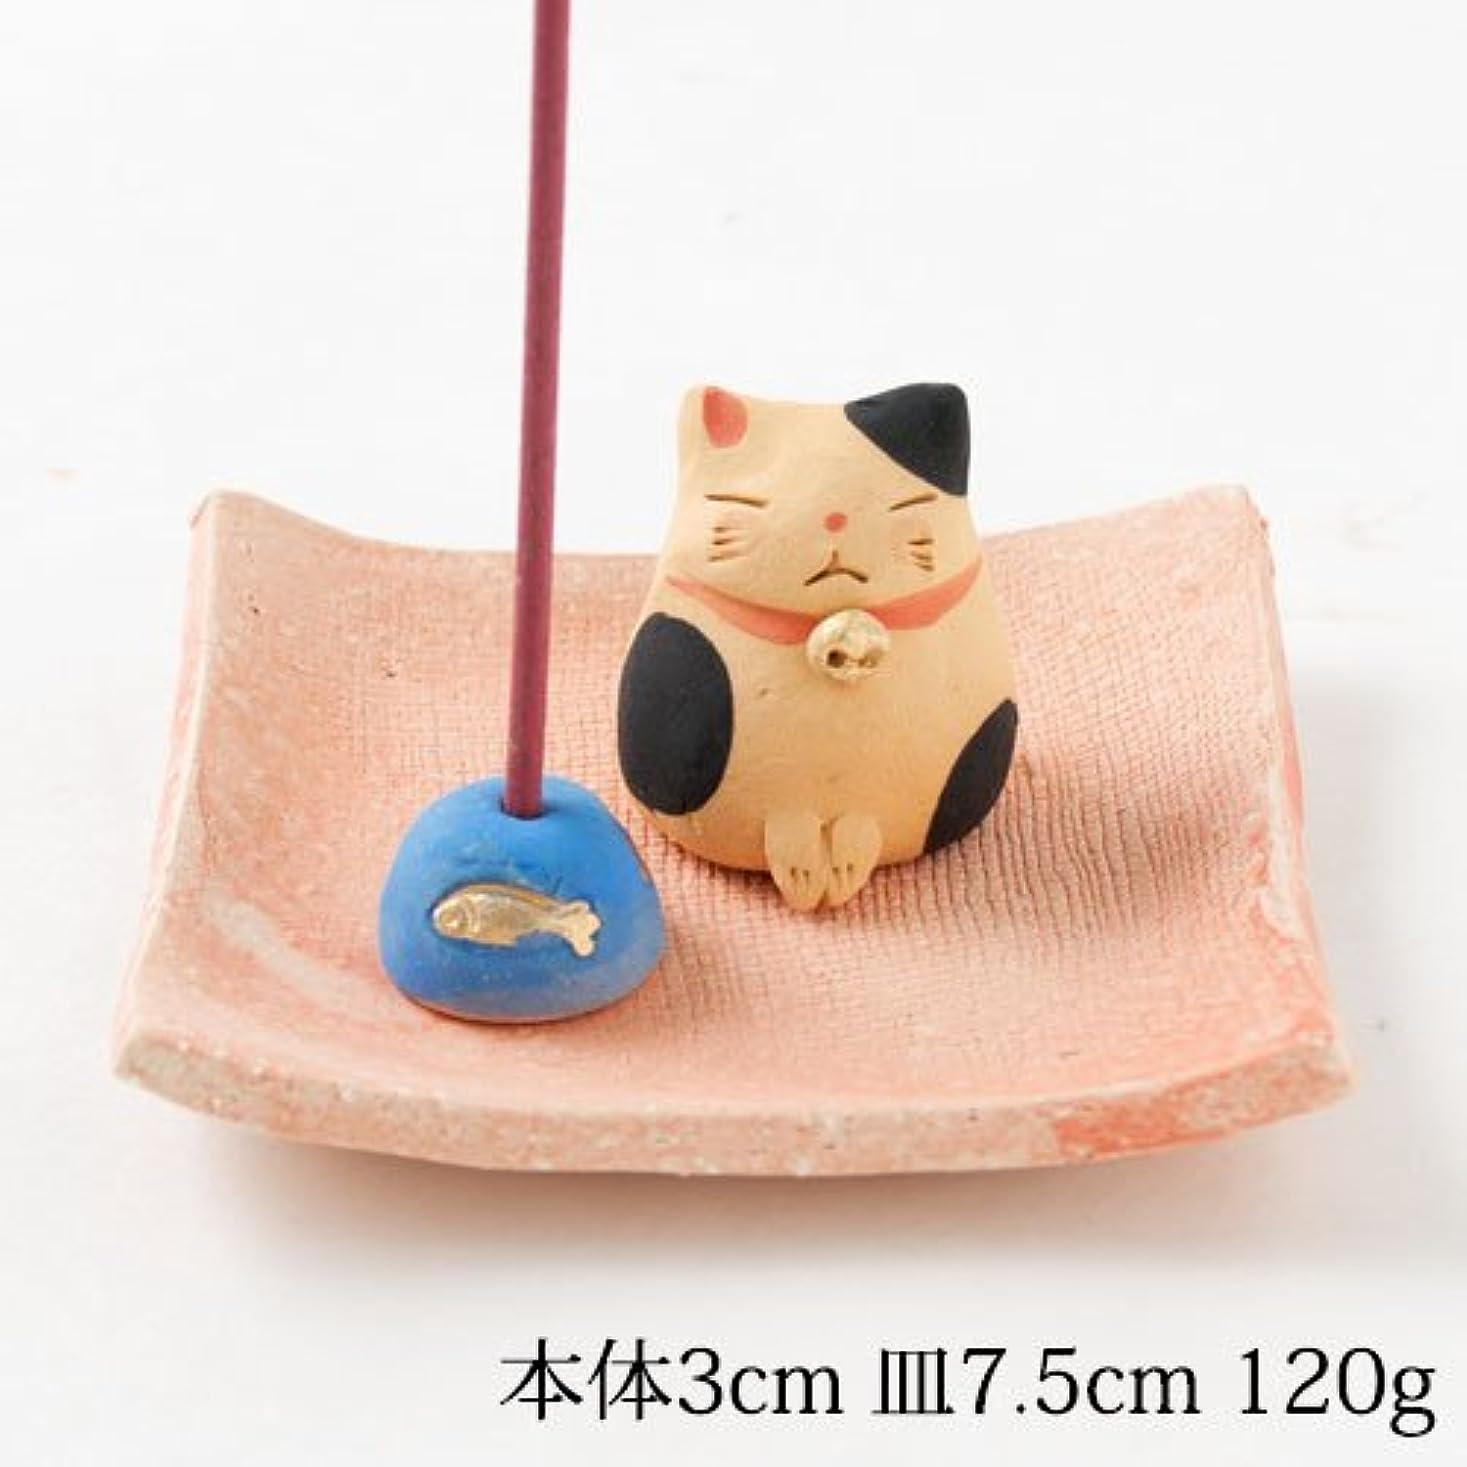 コスチュームキャンパスお辞儀猫香立 (K3440)Incense stand